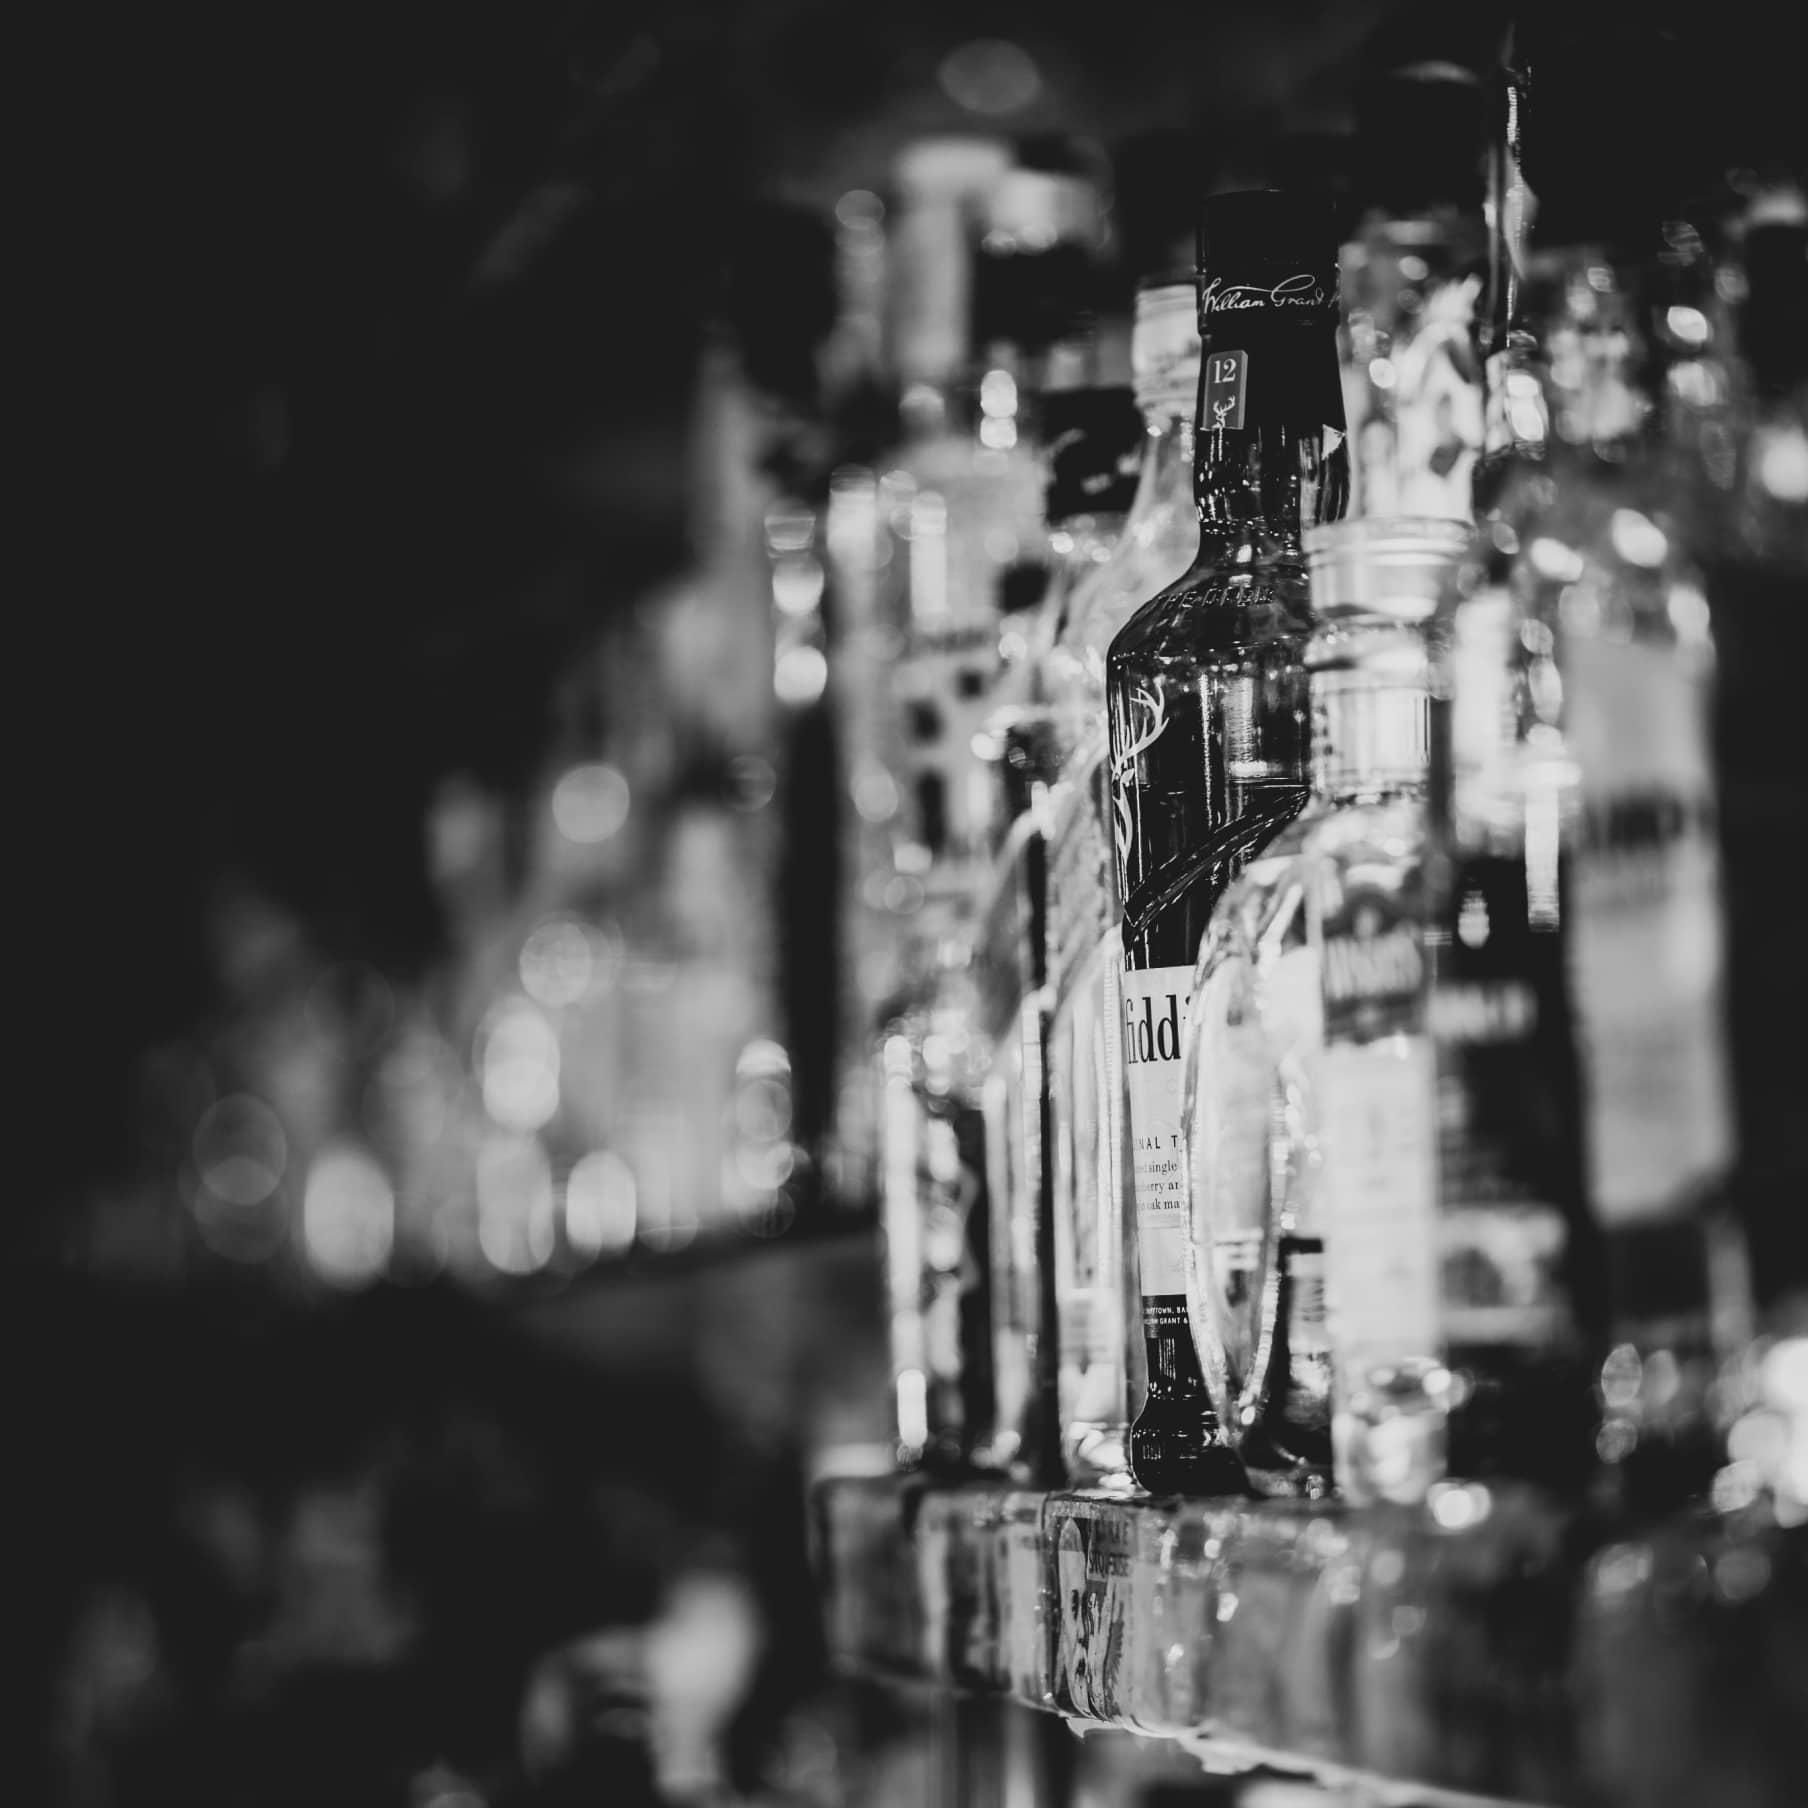 Bar Frontansicht in schwarz-weiß